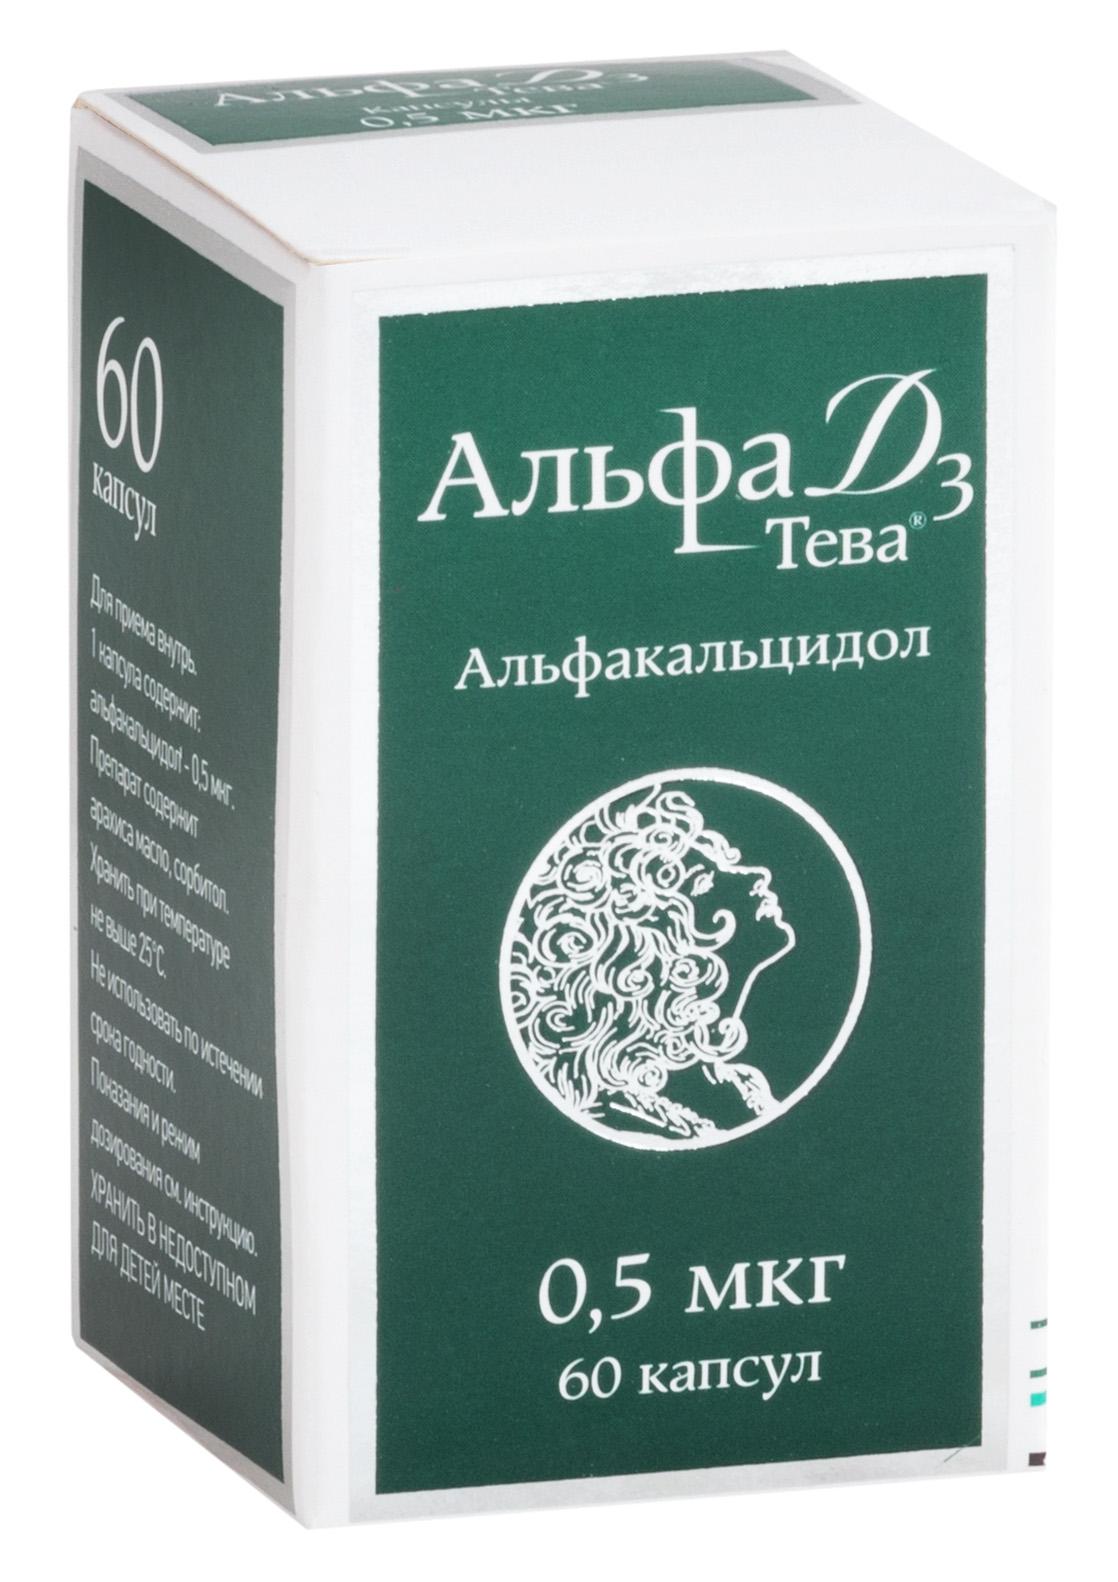 Альфа д3-тева капс. 0,5мкг n60